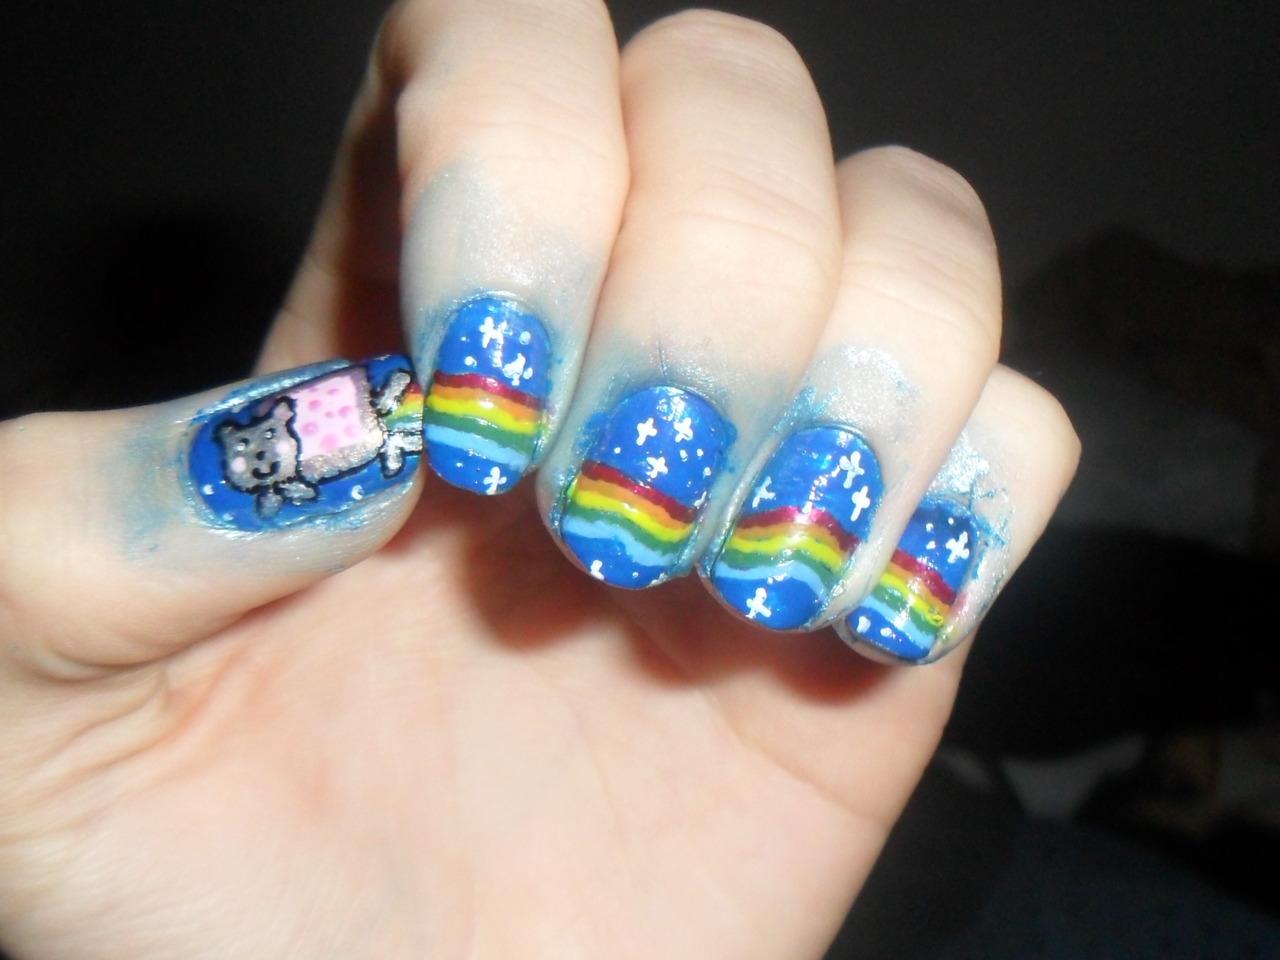 nyan cat nail art 2 | Walyou